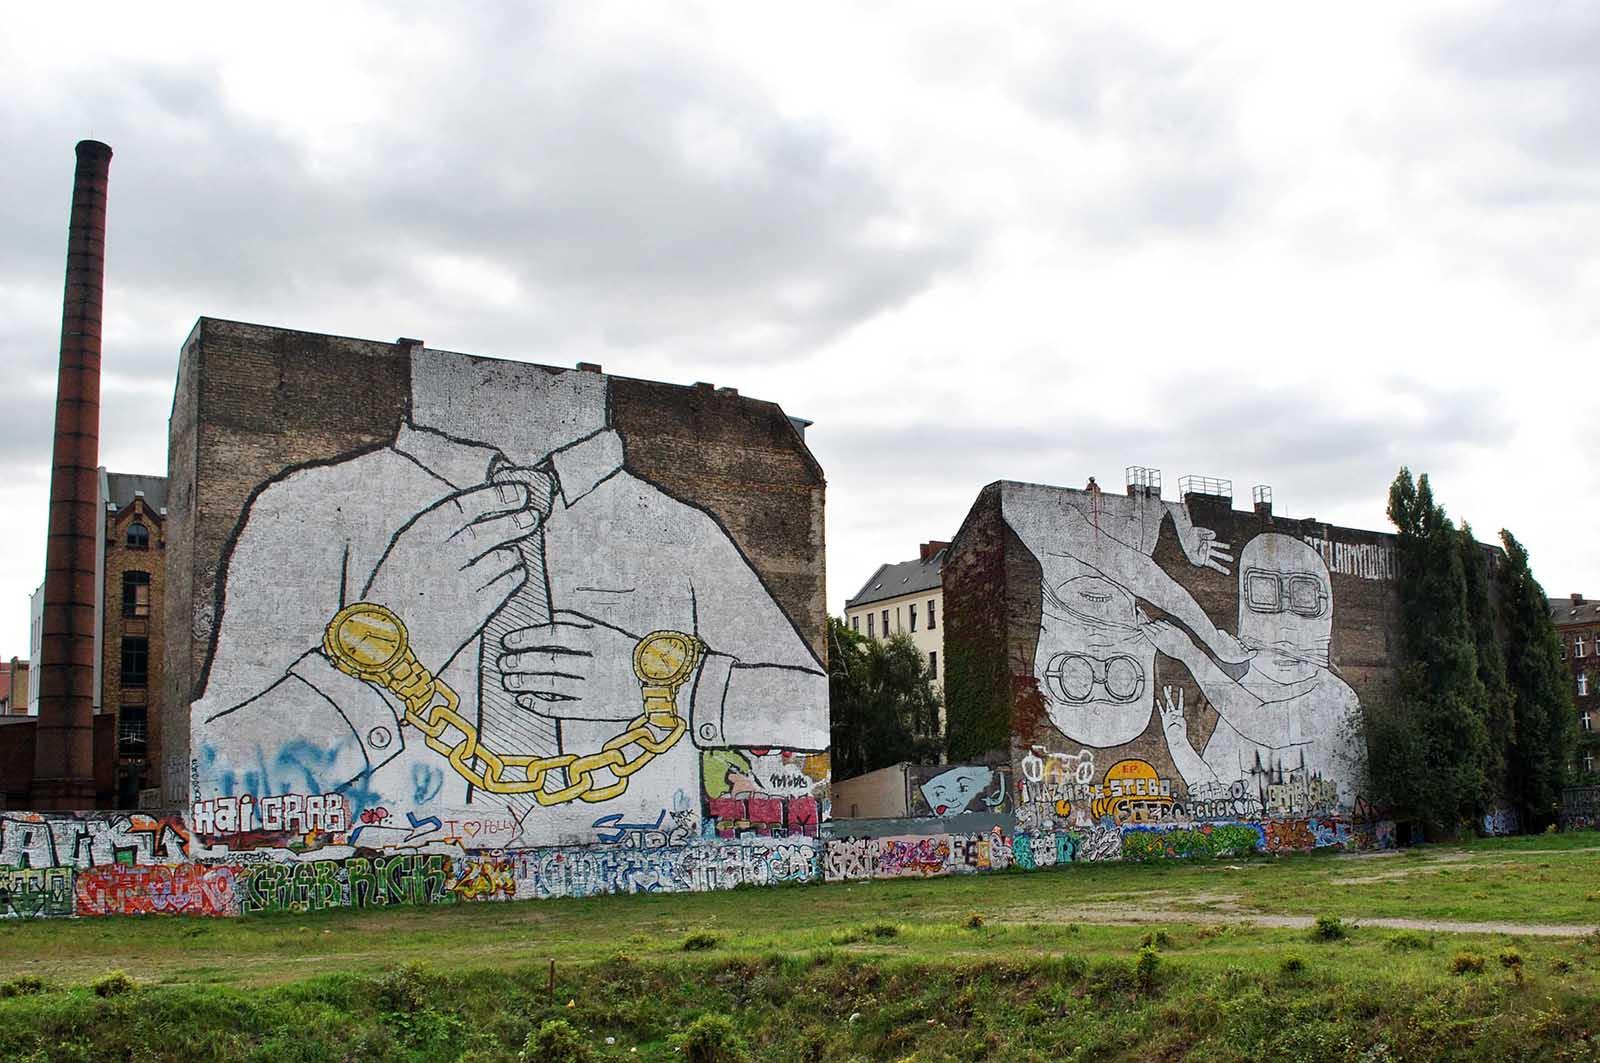 blus-murals-buffed-in-berlin-05